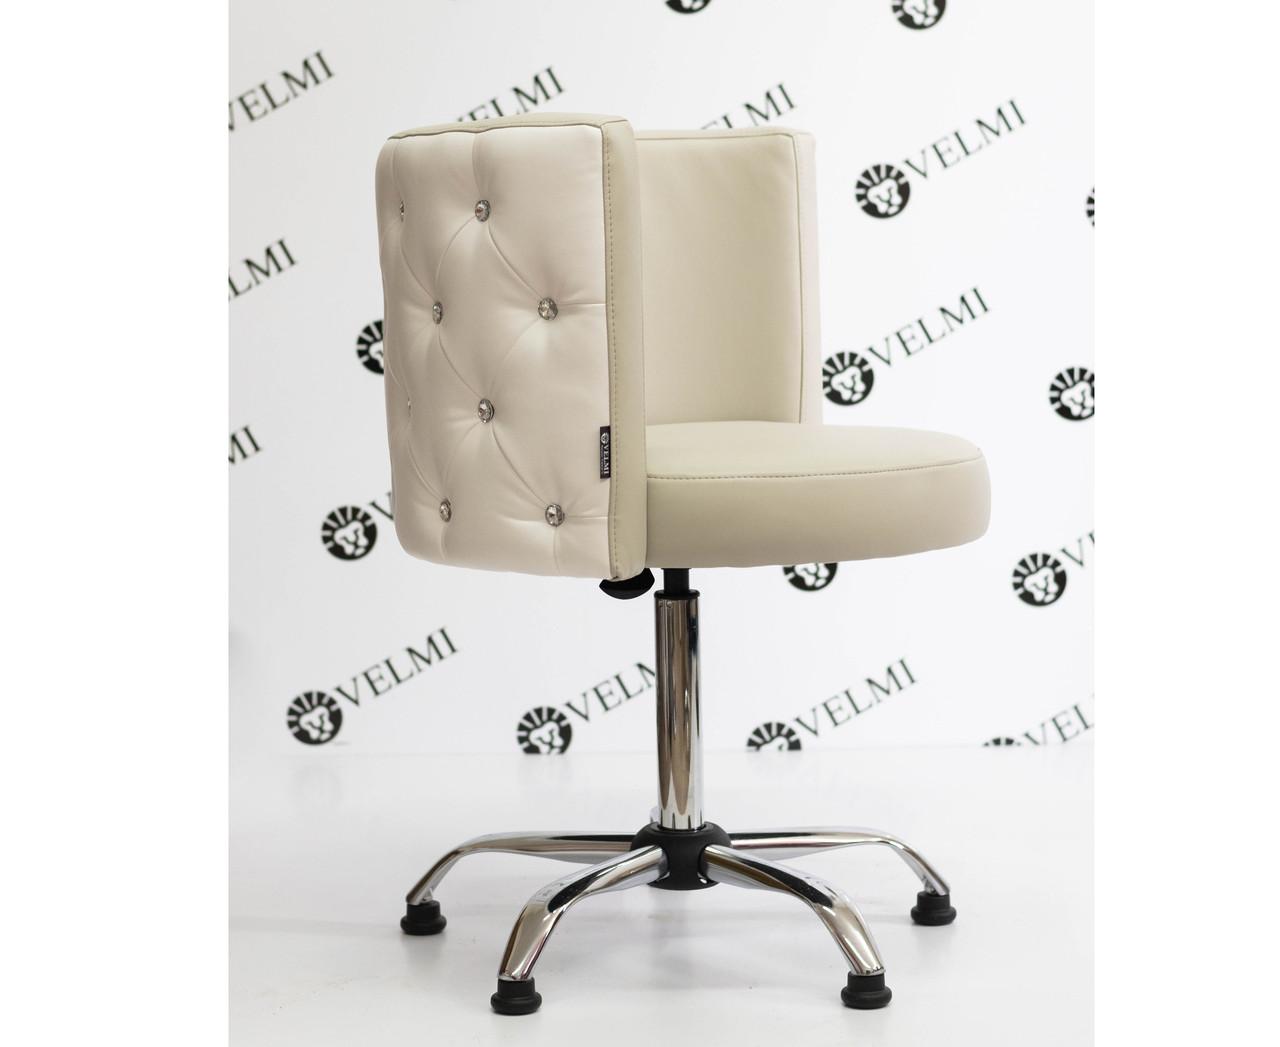 Парикмахерский стул мастера маникюра стулья для клиентов салона маникюрное парикмахерское кресло мастера VM20